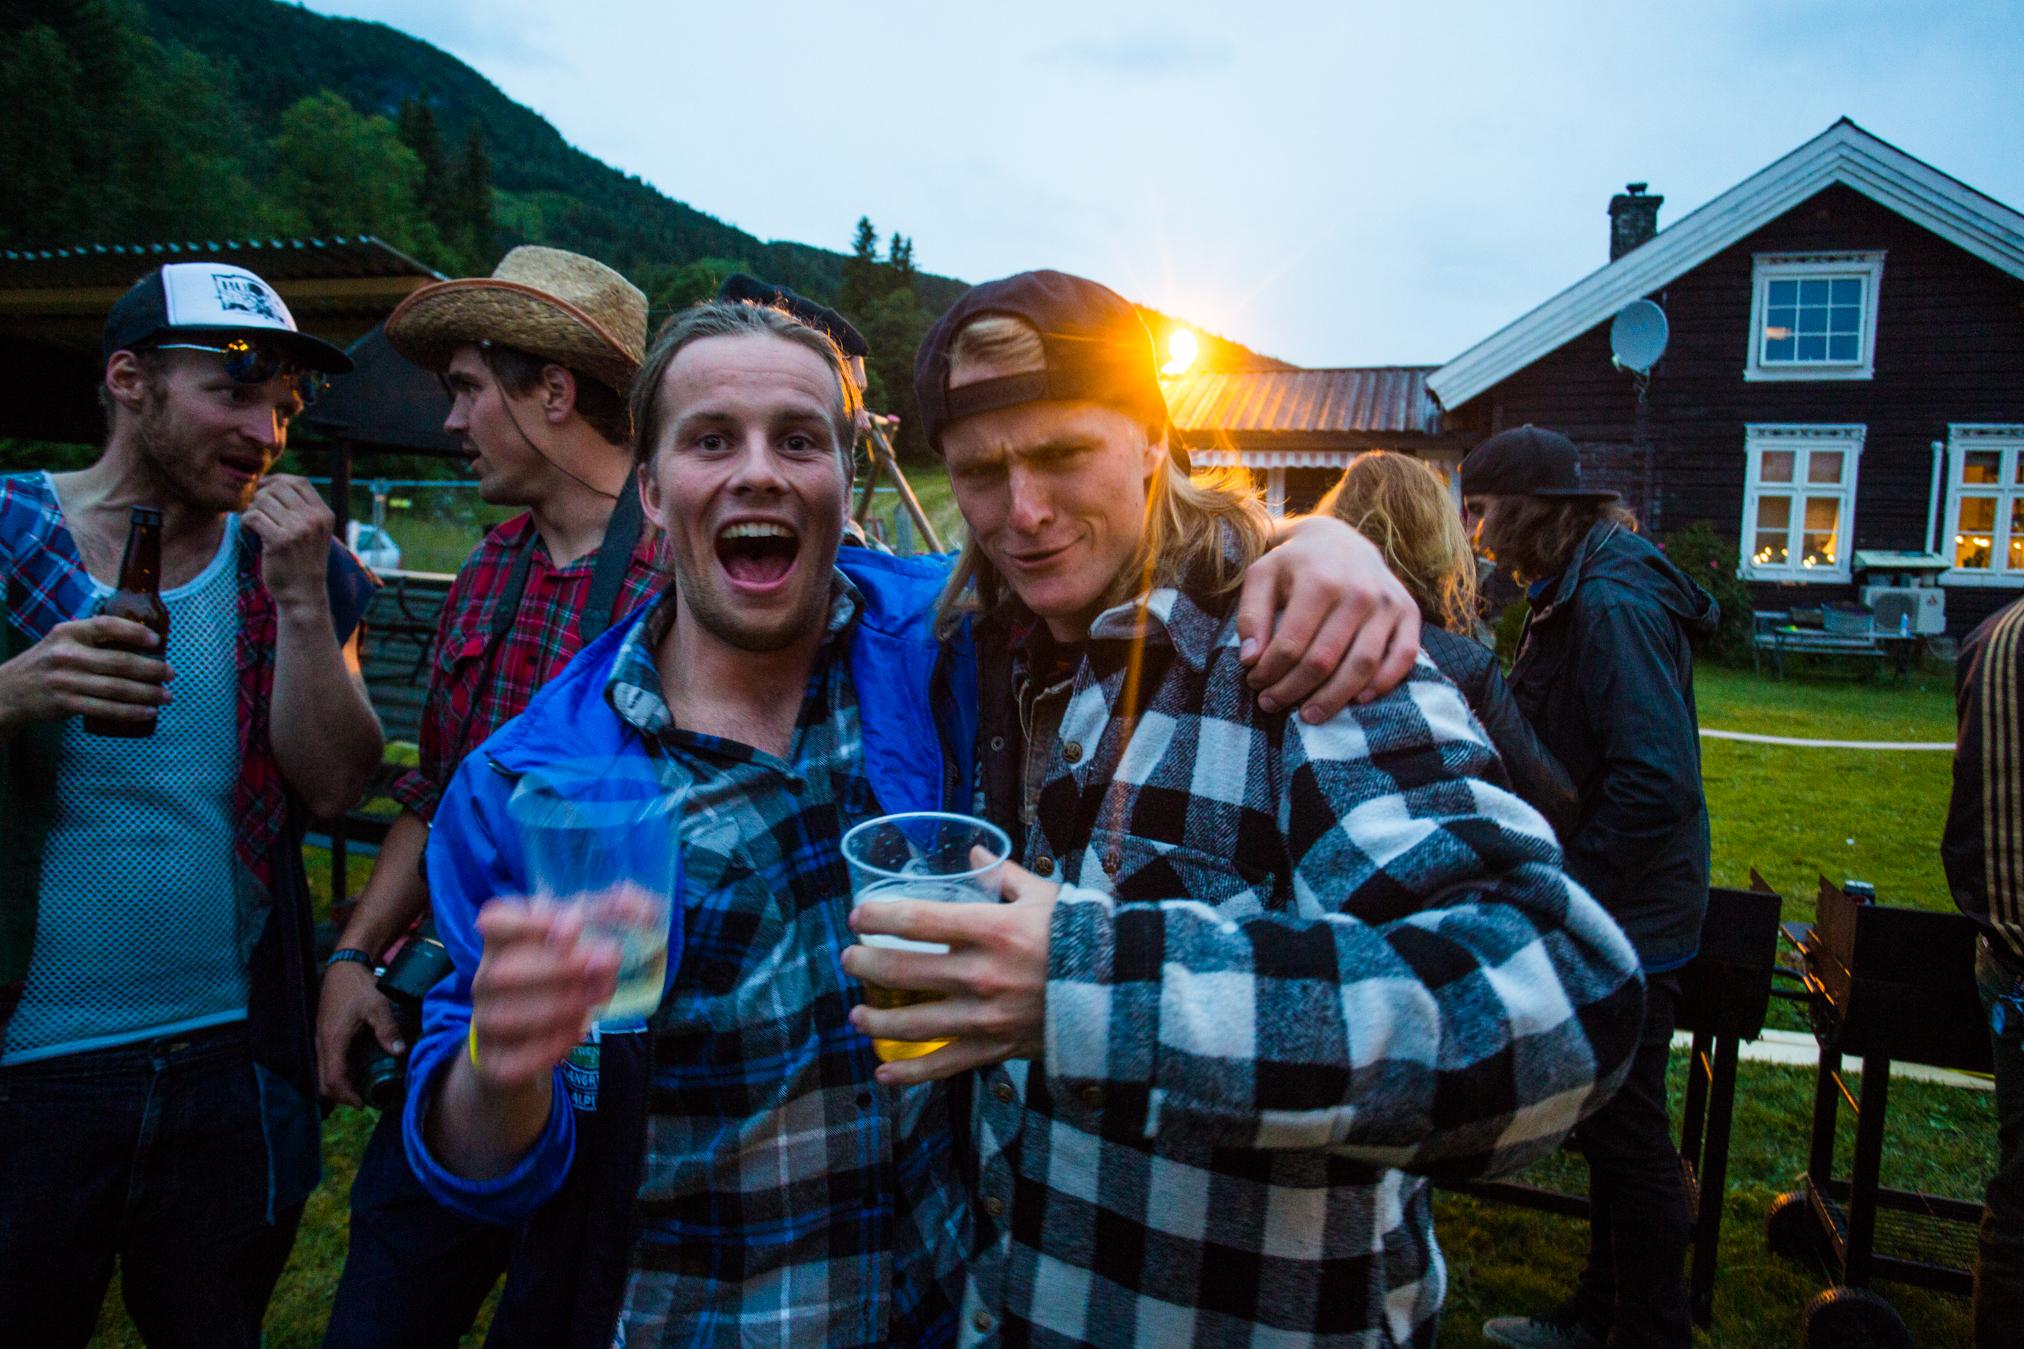 250715_fausko_ål_hilbillyhuckfest_festseries_jamsession_låvefest-59.jpg